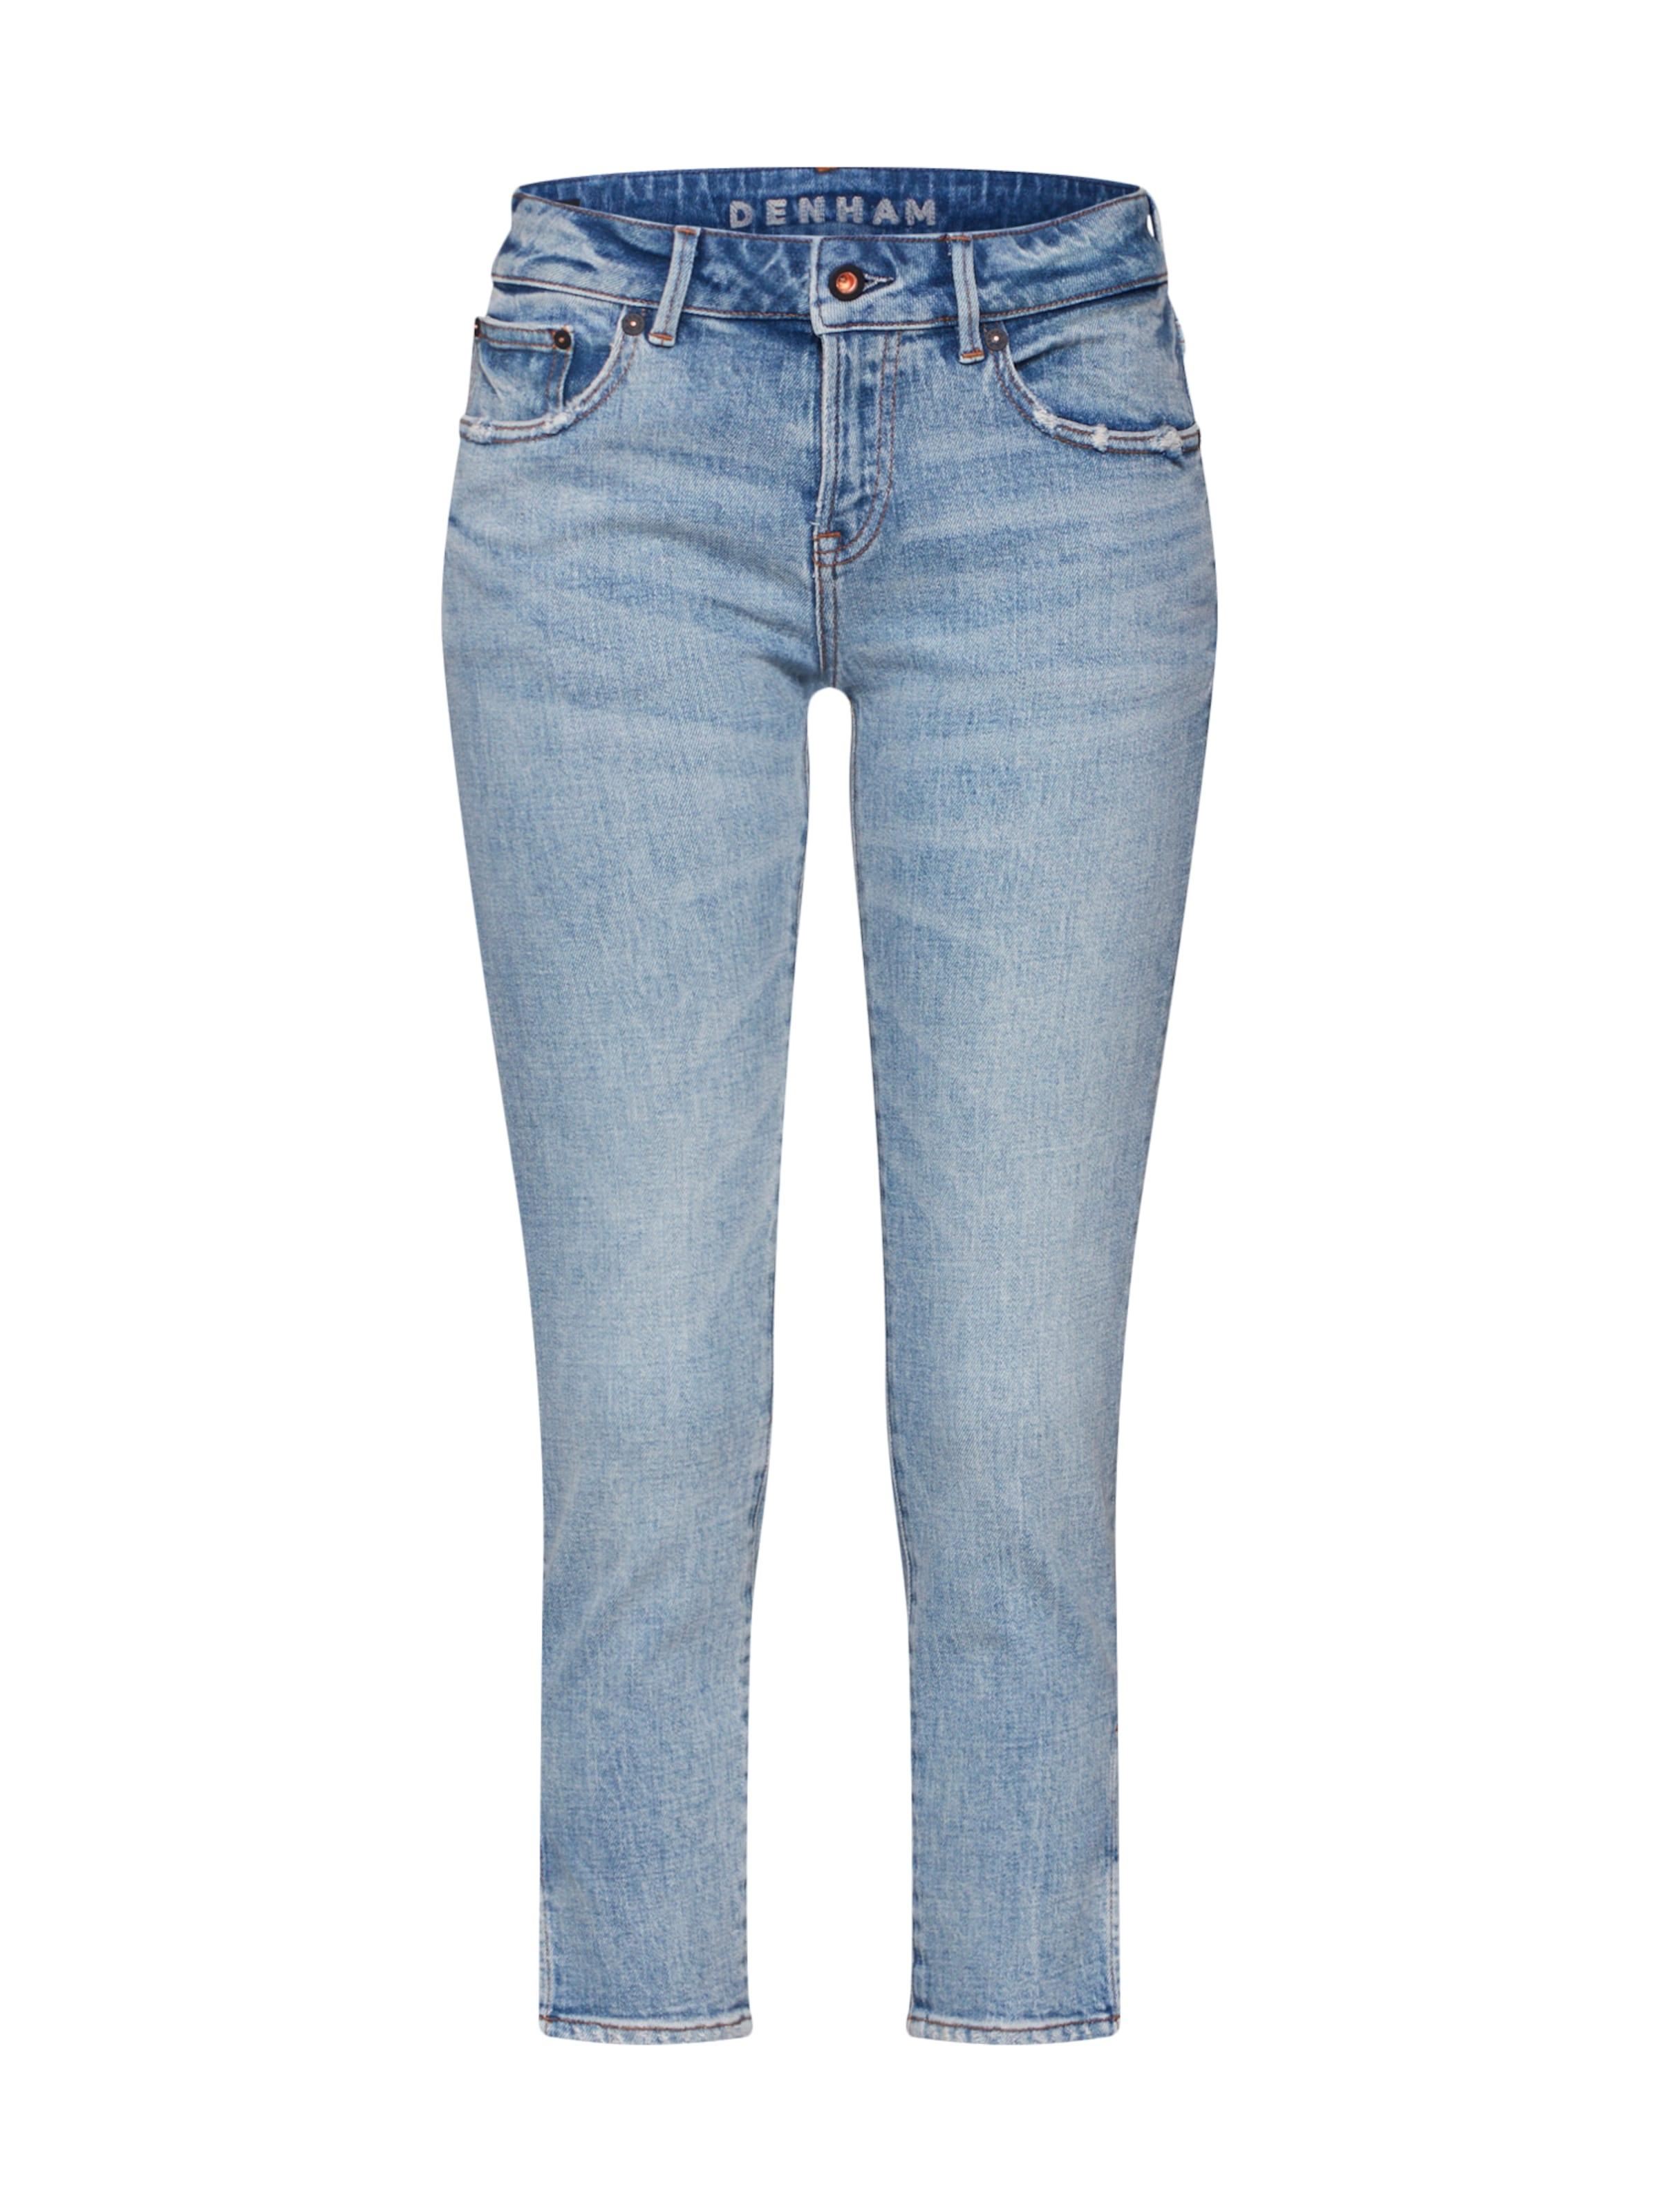 Ankle Bsu' En Bleu Jean 'liz Denham UVpSqzM